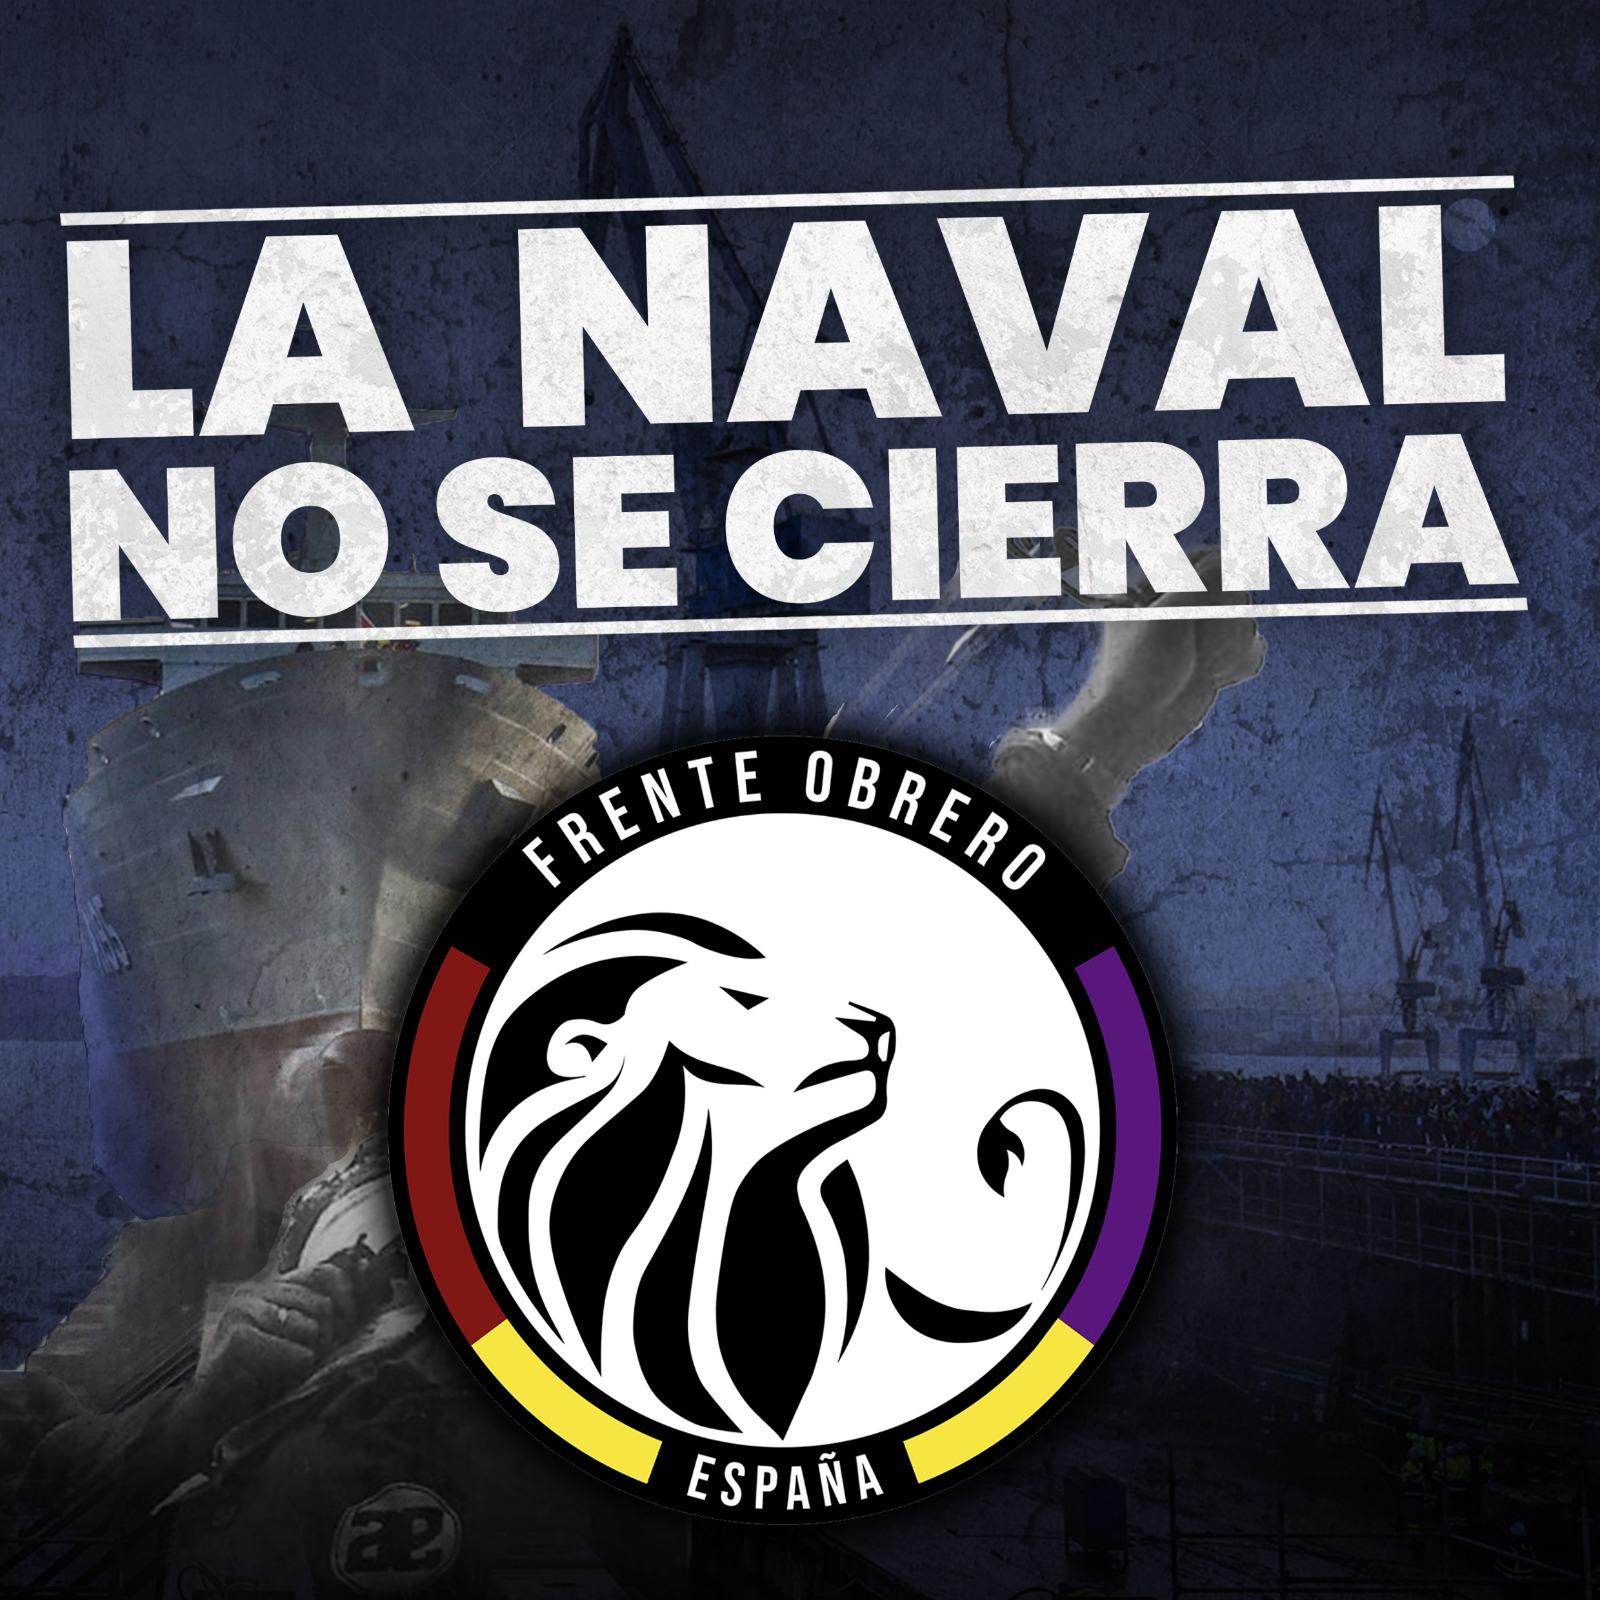 ¡La Naval Hacia El Frente Obrero!